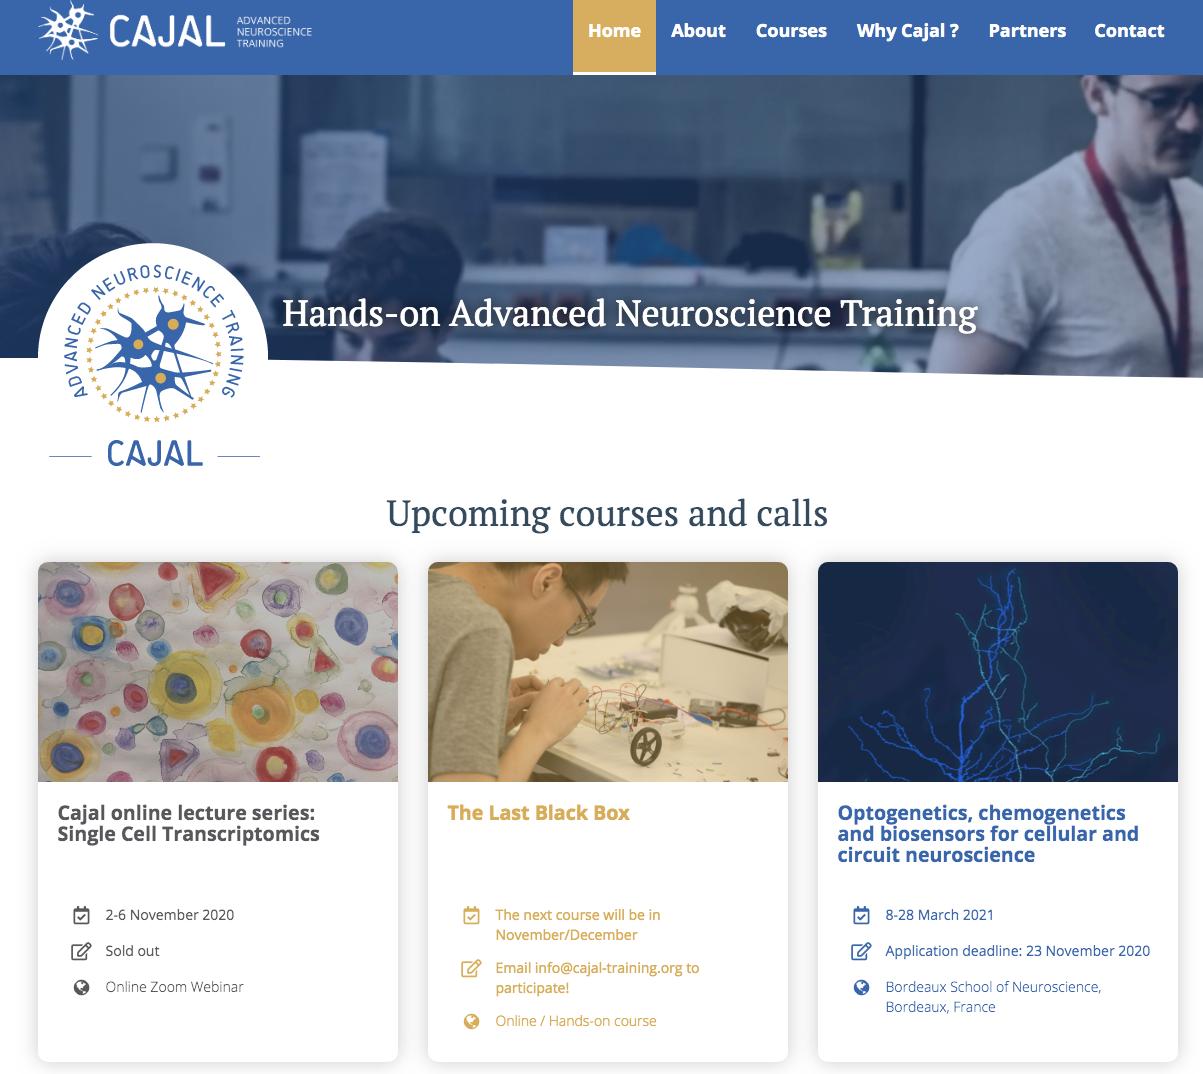 CAJAL new website